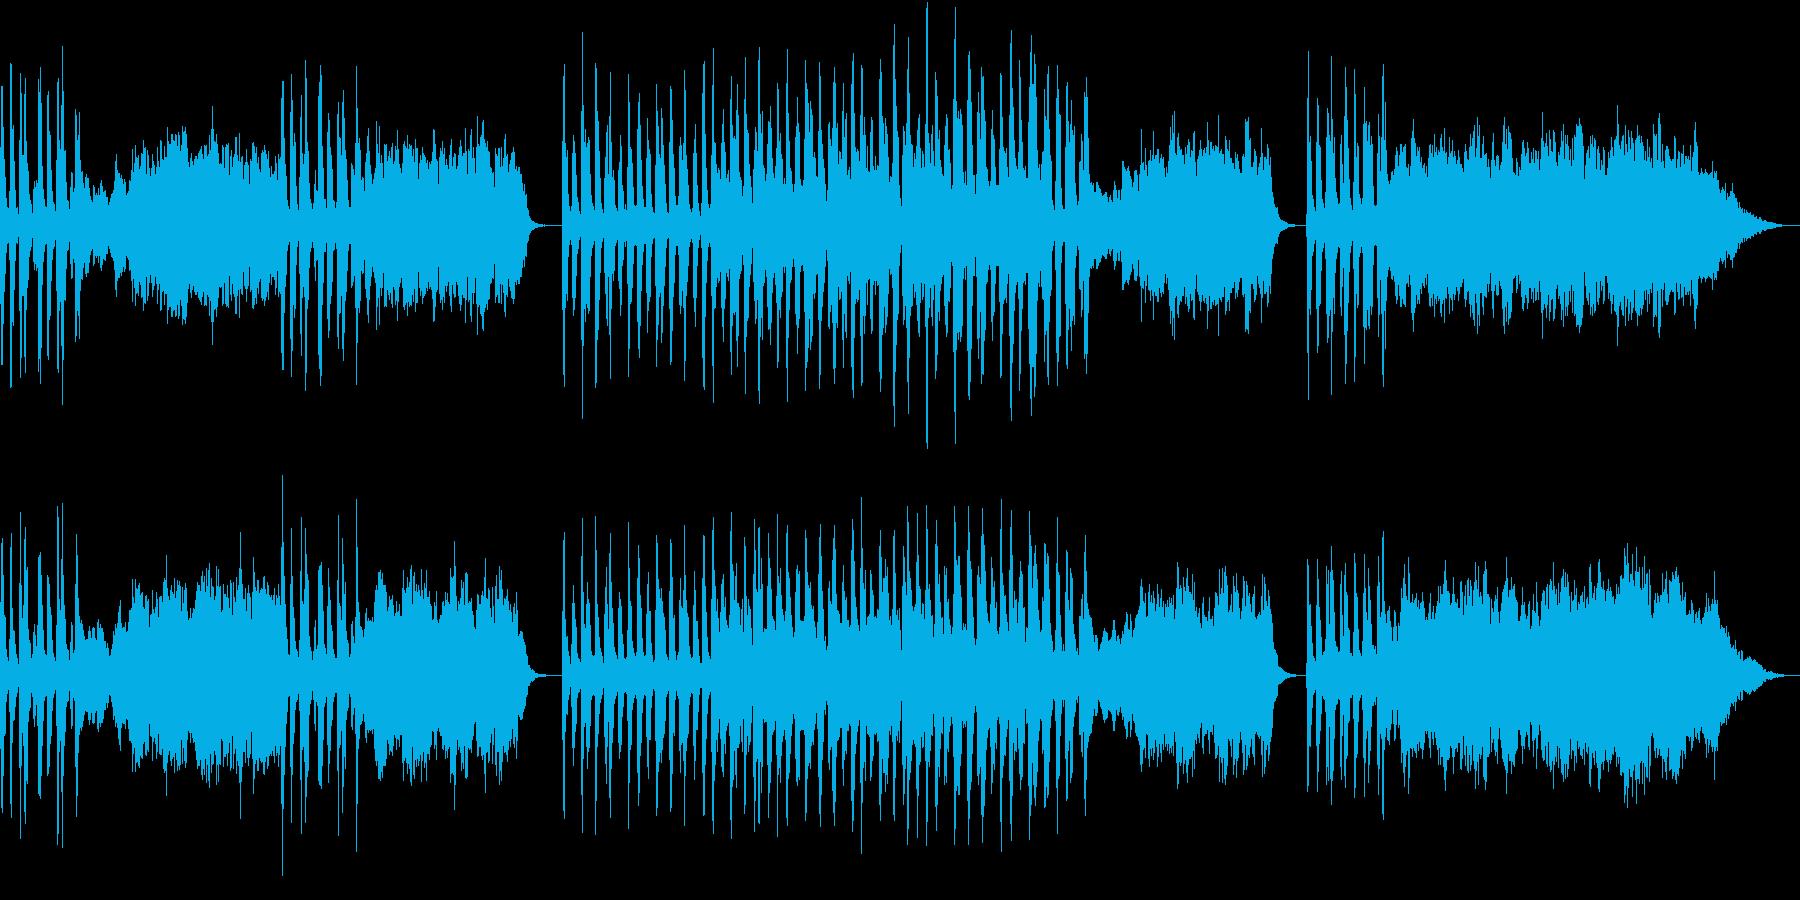 ストリングスとチェンバロのやや暗めな曲の再生済みの波形